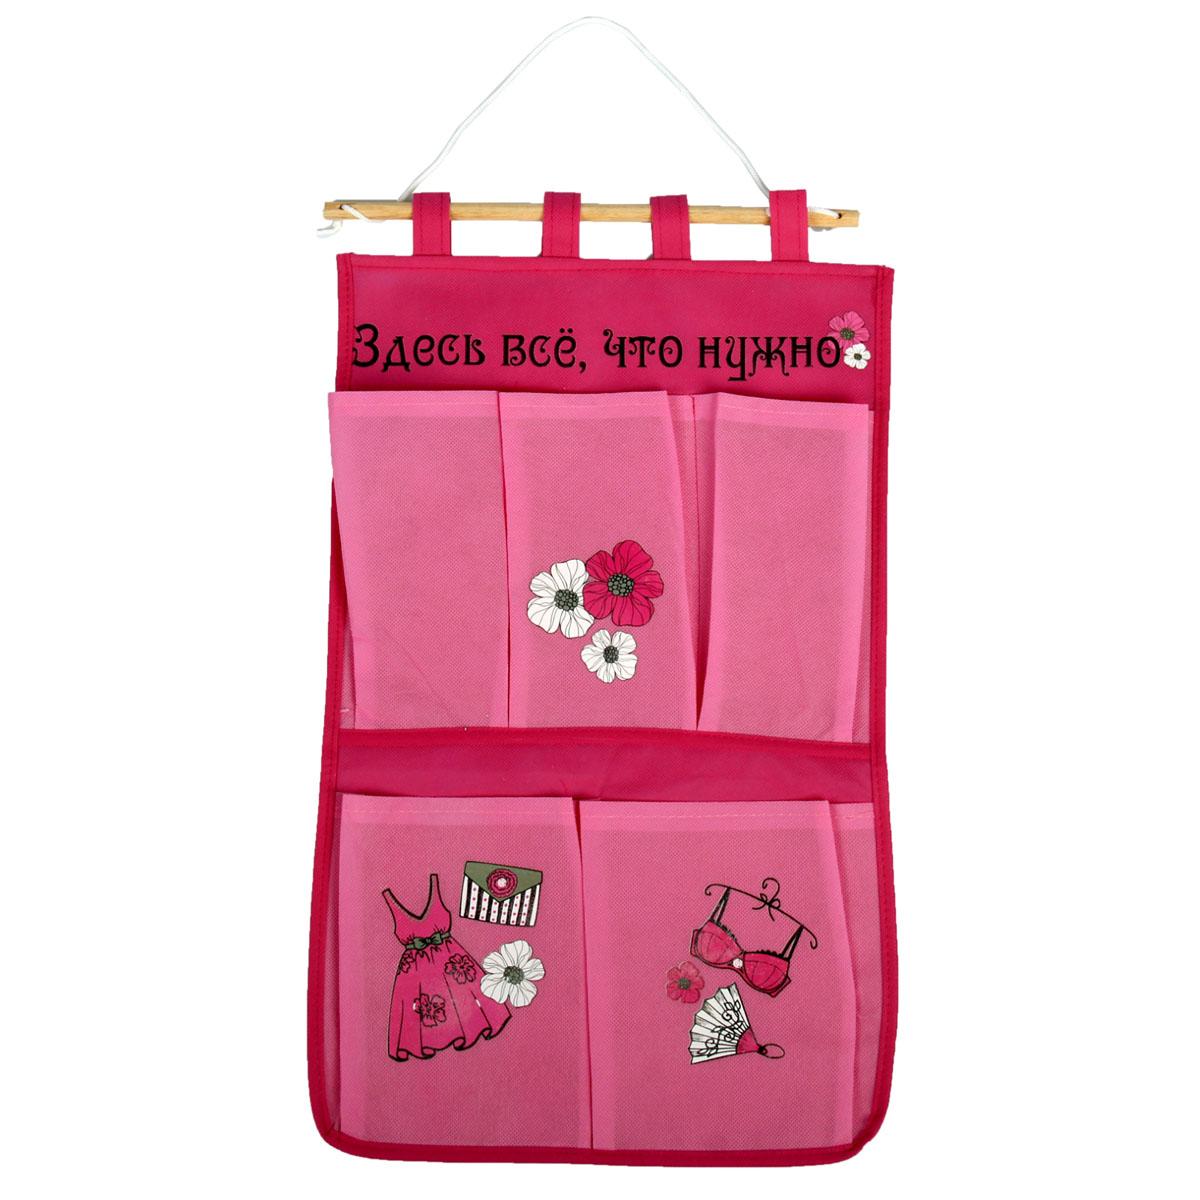 Кармашки на стену Sima-land Здесь все, что нужно, цвет: розовый, 5 шт906892Кармашки на стену Sima-land Здесь все, что нужно, изготовленные из текстиля, предназначены для хранения необходимых вещей, множества мелочей в гардеробной, ванной, детской комнатах. Изделие представляет собой текстильное полотно с 5 пришитыми кармашками. Благодаря деревянной планке и шнурку, кармашки можно подвесить на стену или дверь в необходимом для вас месте.Кармашки декорированы изображениями женских различных аксессуаров, одежды и цветов.Этот нужный предмет может стать одновременно и декоративным элементом комнаты. Яркий дизайн, как ничто иное, способен оживить интерьер вашего дома.